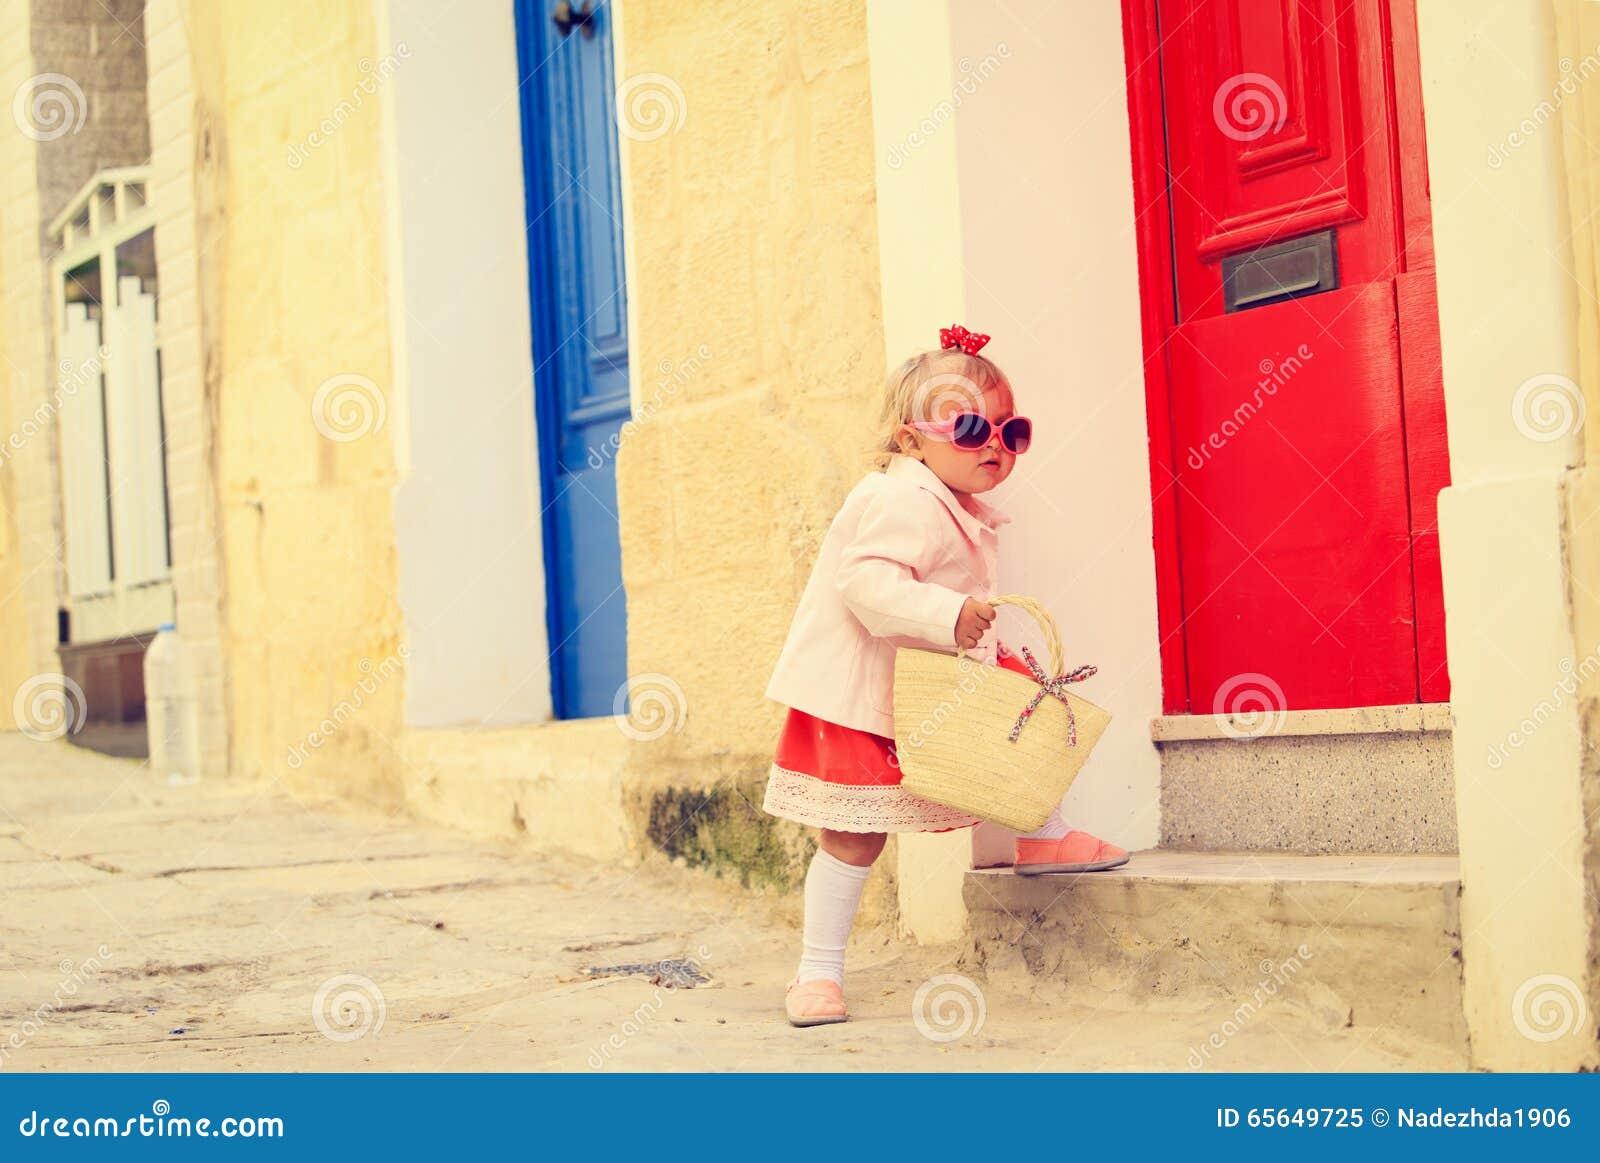 Petite fille mignonne marchant sur la rue de Malte